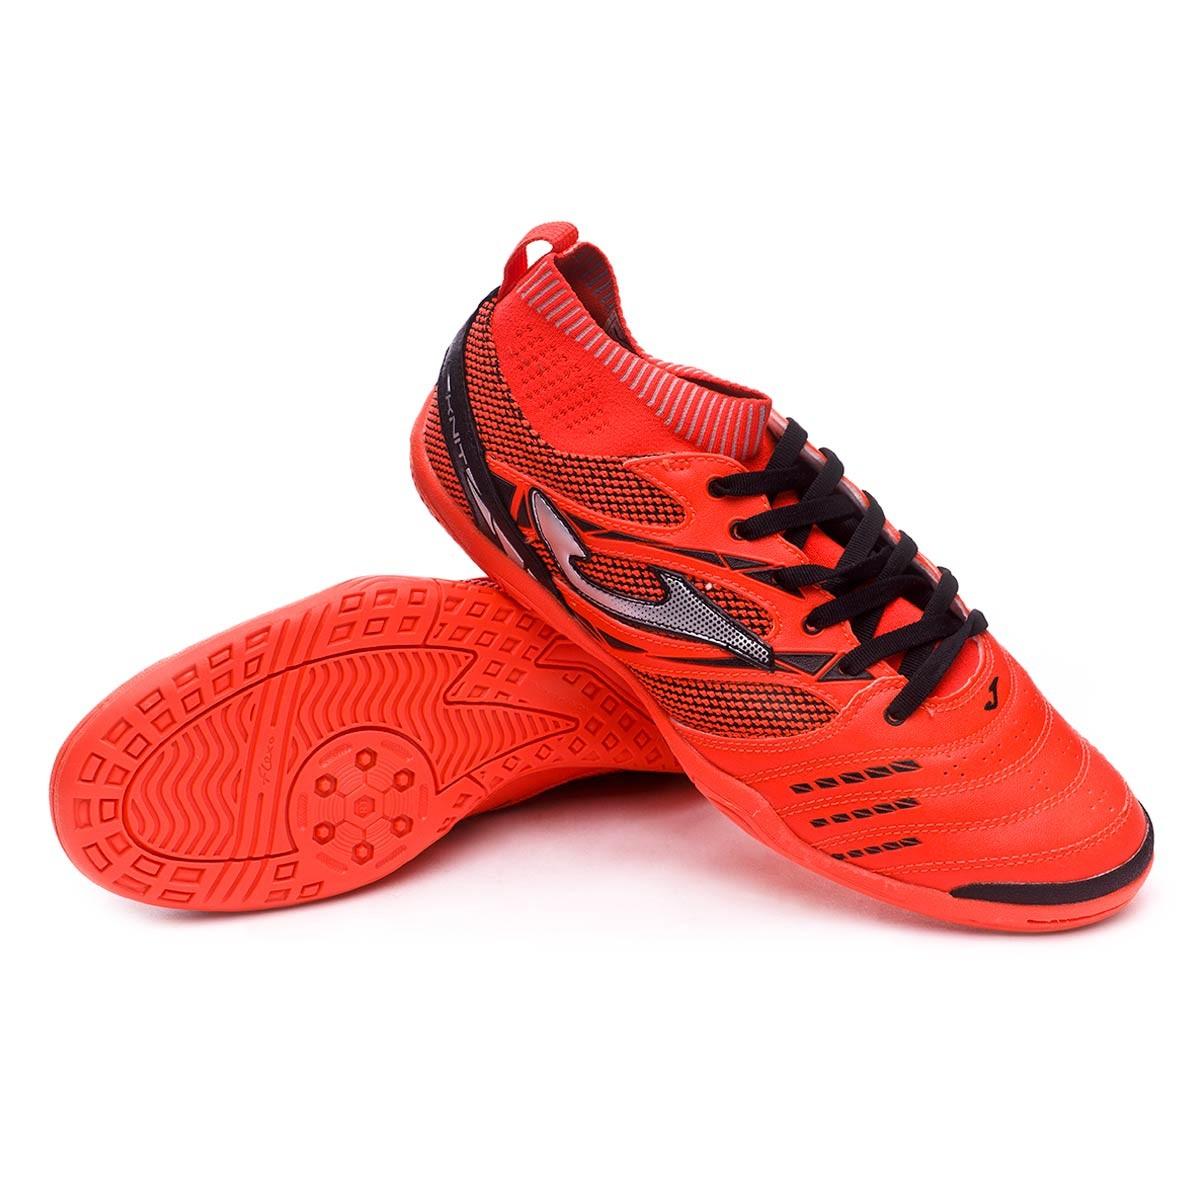 Zapatillas de fútbol sala Joma Knit - Soloporteros es ahora Fútbol ... f729a1505b4dd